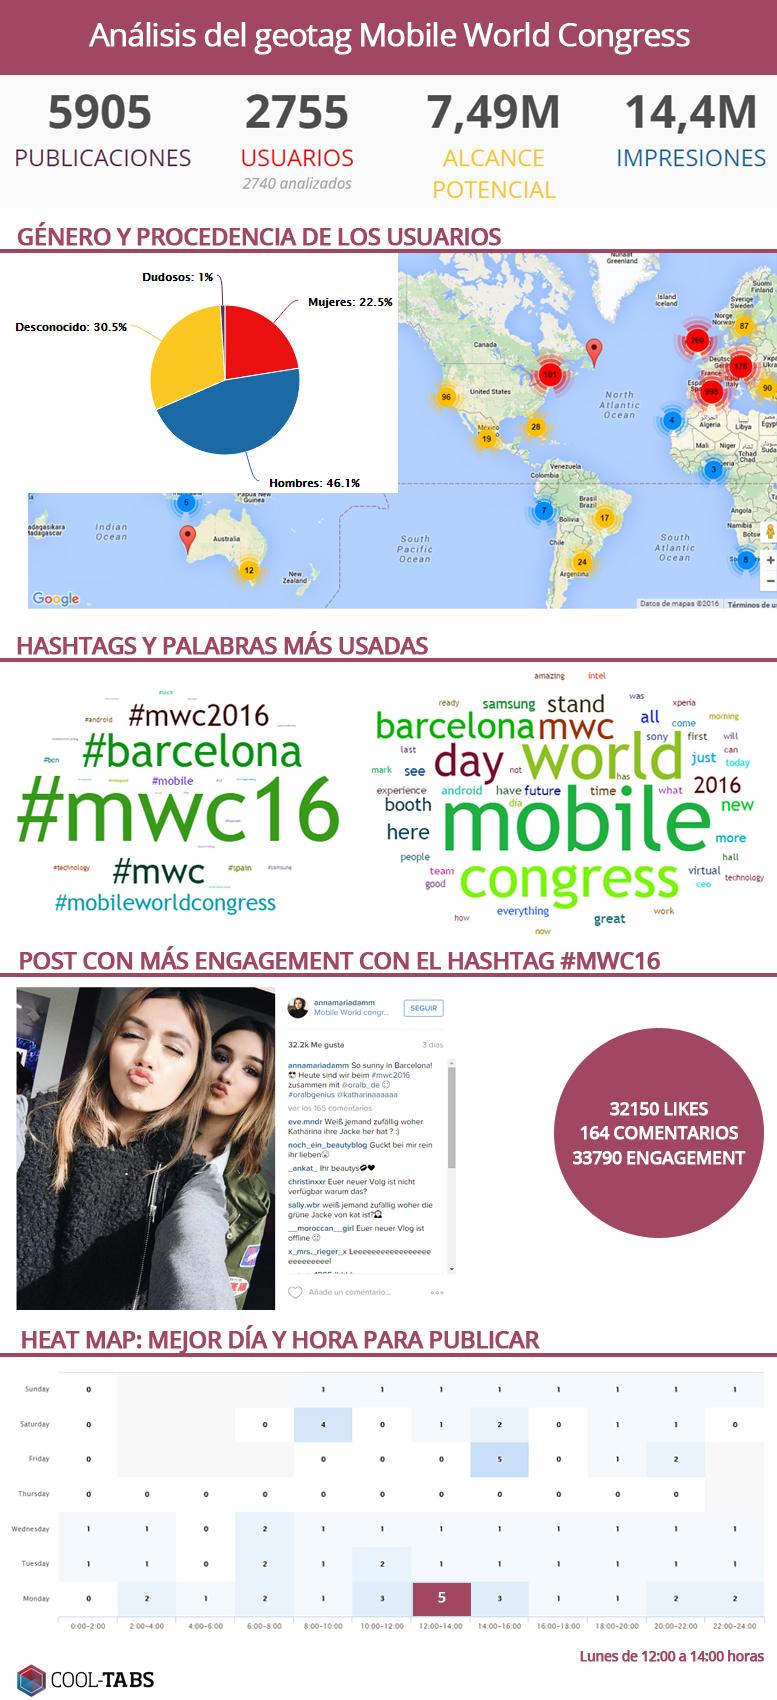 Infografía del análisis del geotag del Mobile World Congress